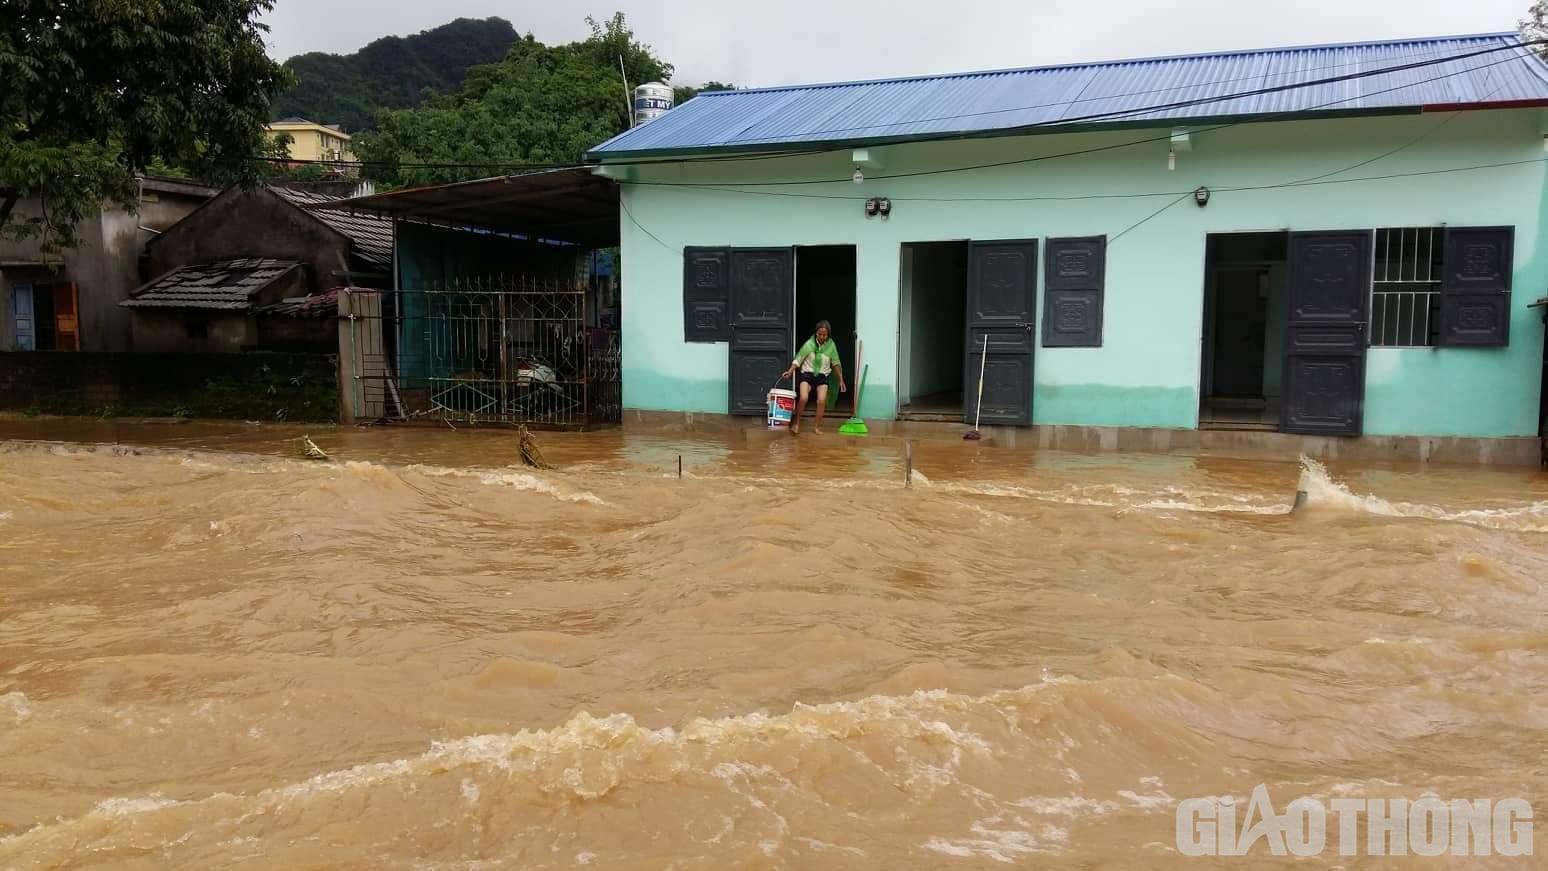 Mưa lũ khiến 1 người chết, hàng trăm ngôi nhà ở Sơn La bị ngập sâu - Ảnh 10